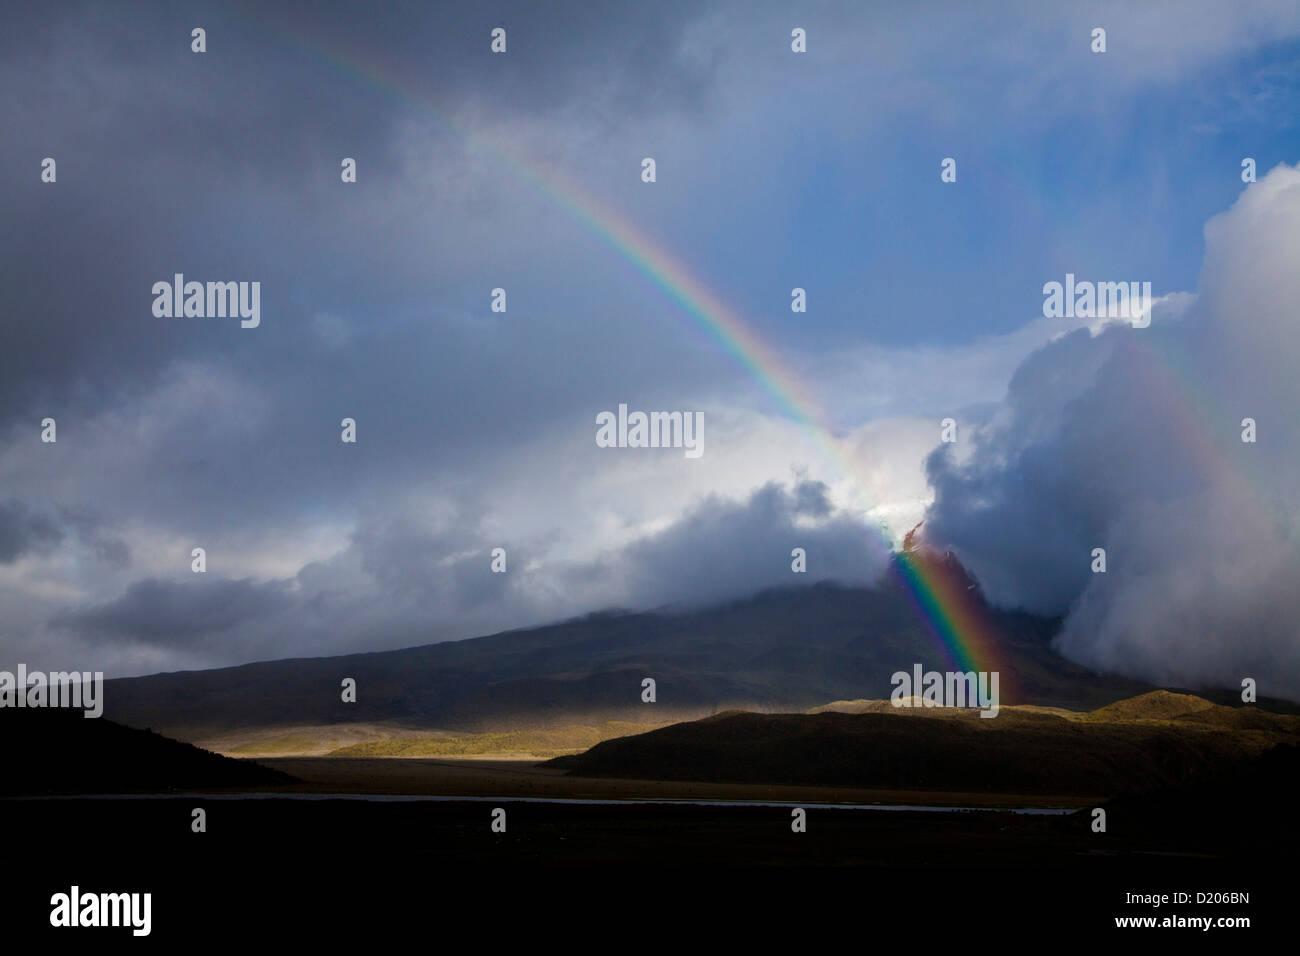 Niebla, nubes y arco iris, el Cotopaxi (con 5897 m), en el primer plano: la laguna de Limpiopungo, Andes, Ecuador, Foto de stock